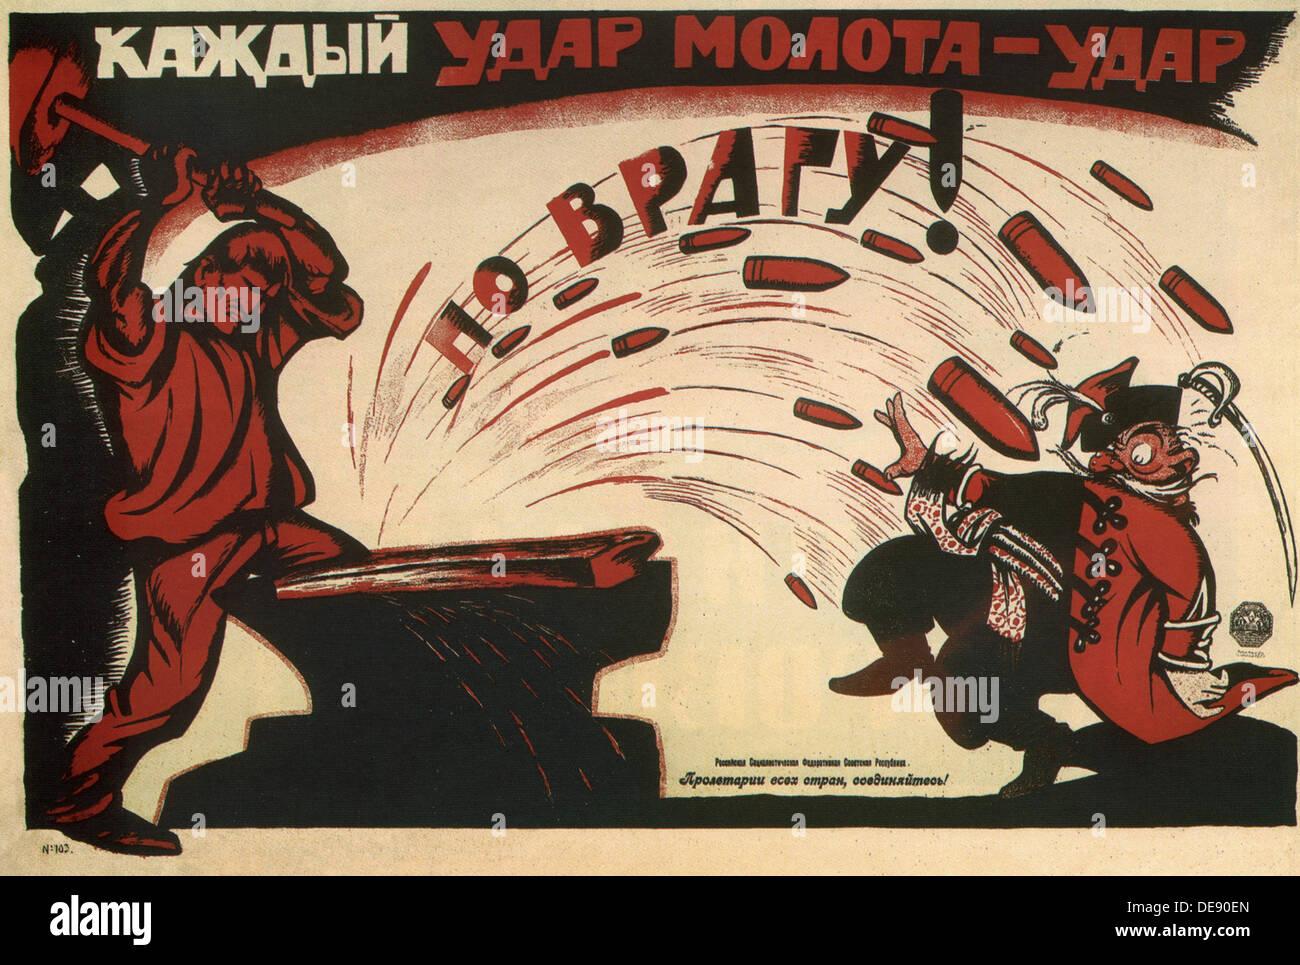 Jeder Hammerschlag ist ein Schlag gegen den Feind! (Poster), 1920. Künstler: Deni (Denissow), Wiktor Nikolajewitsch (1893-1946) Stockbild